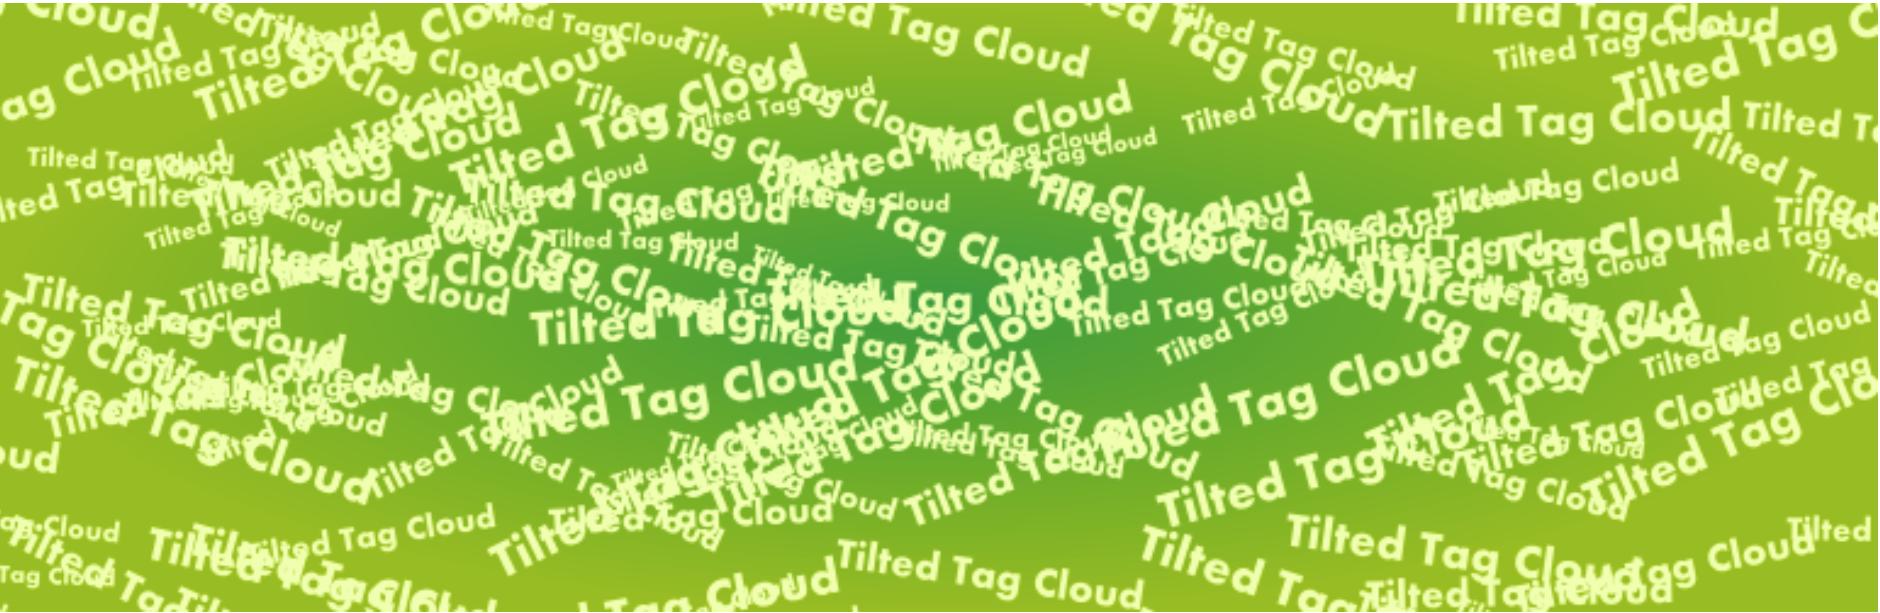 tag cloud plugins